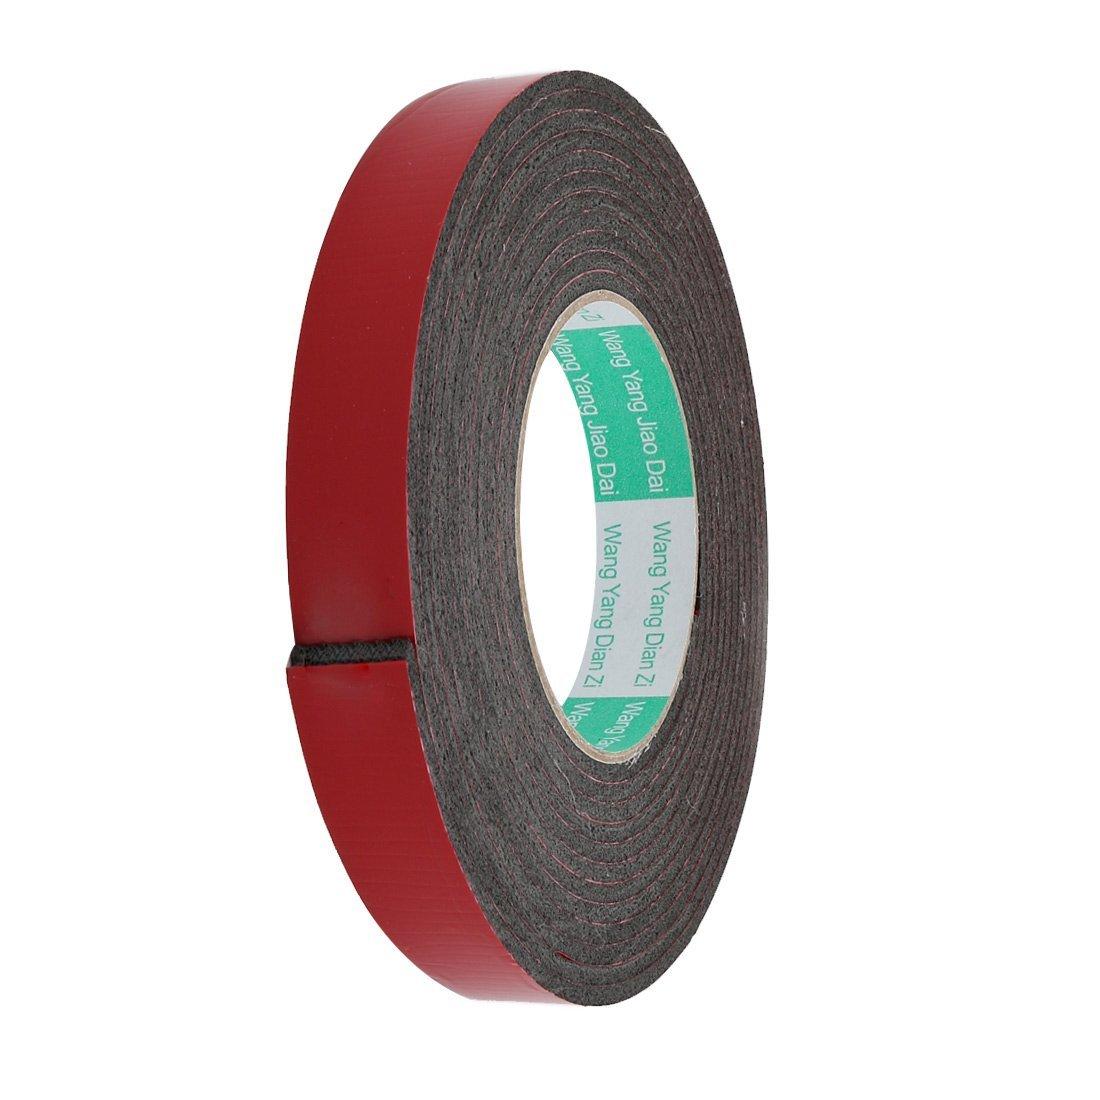 Door Seal 12x3mm Dual-sided Adhesive Shockproof Sponge Foam Tape 4M Length